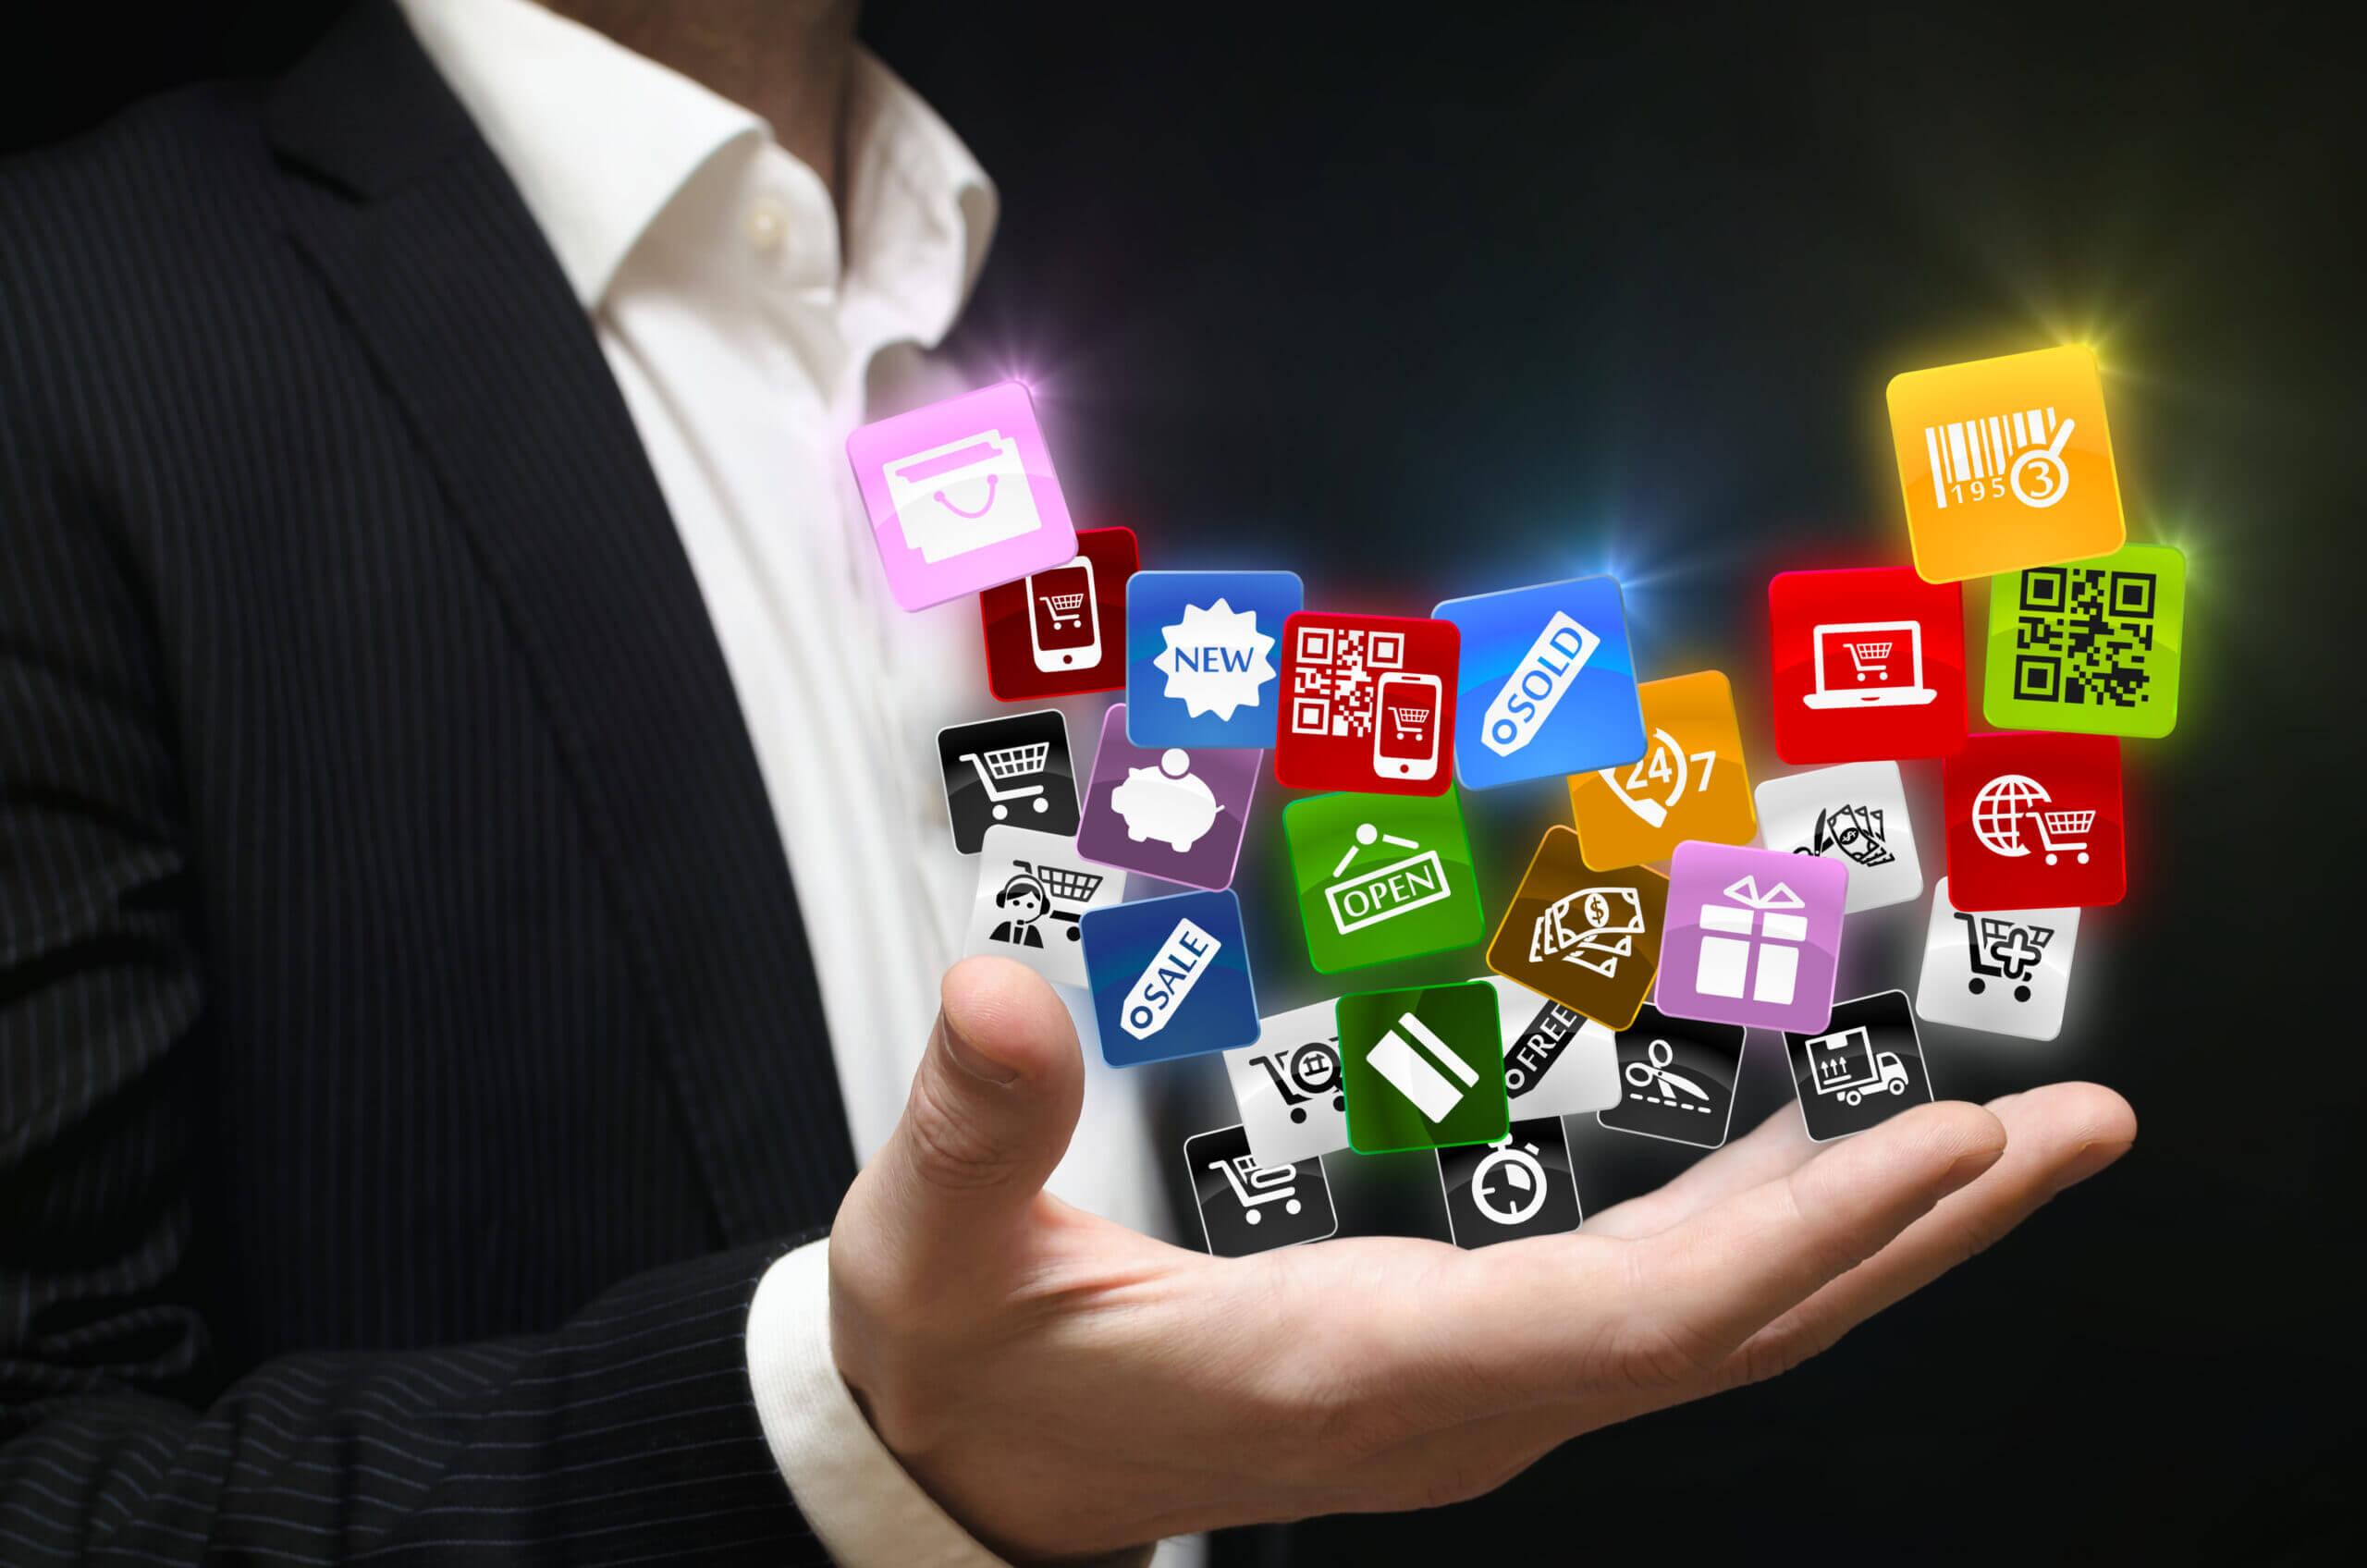 Как быстро перевести бизнес в онлайн: подборка сервисов